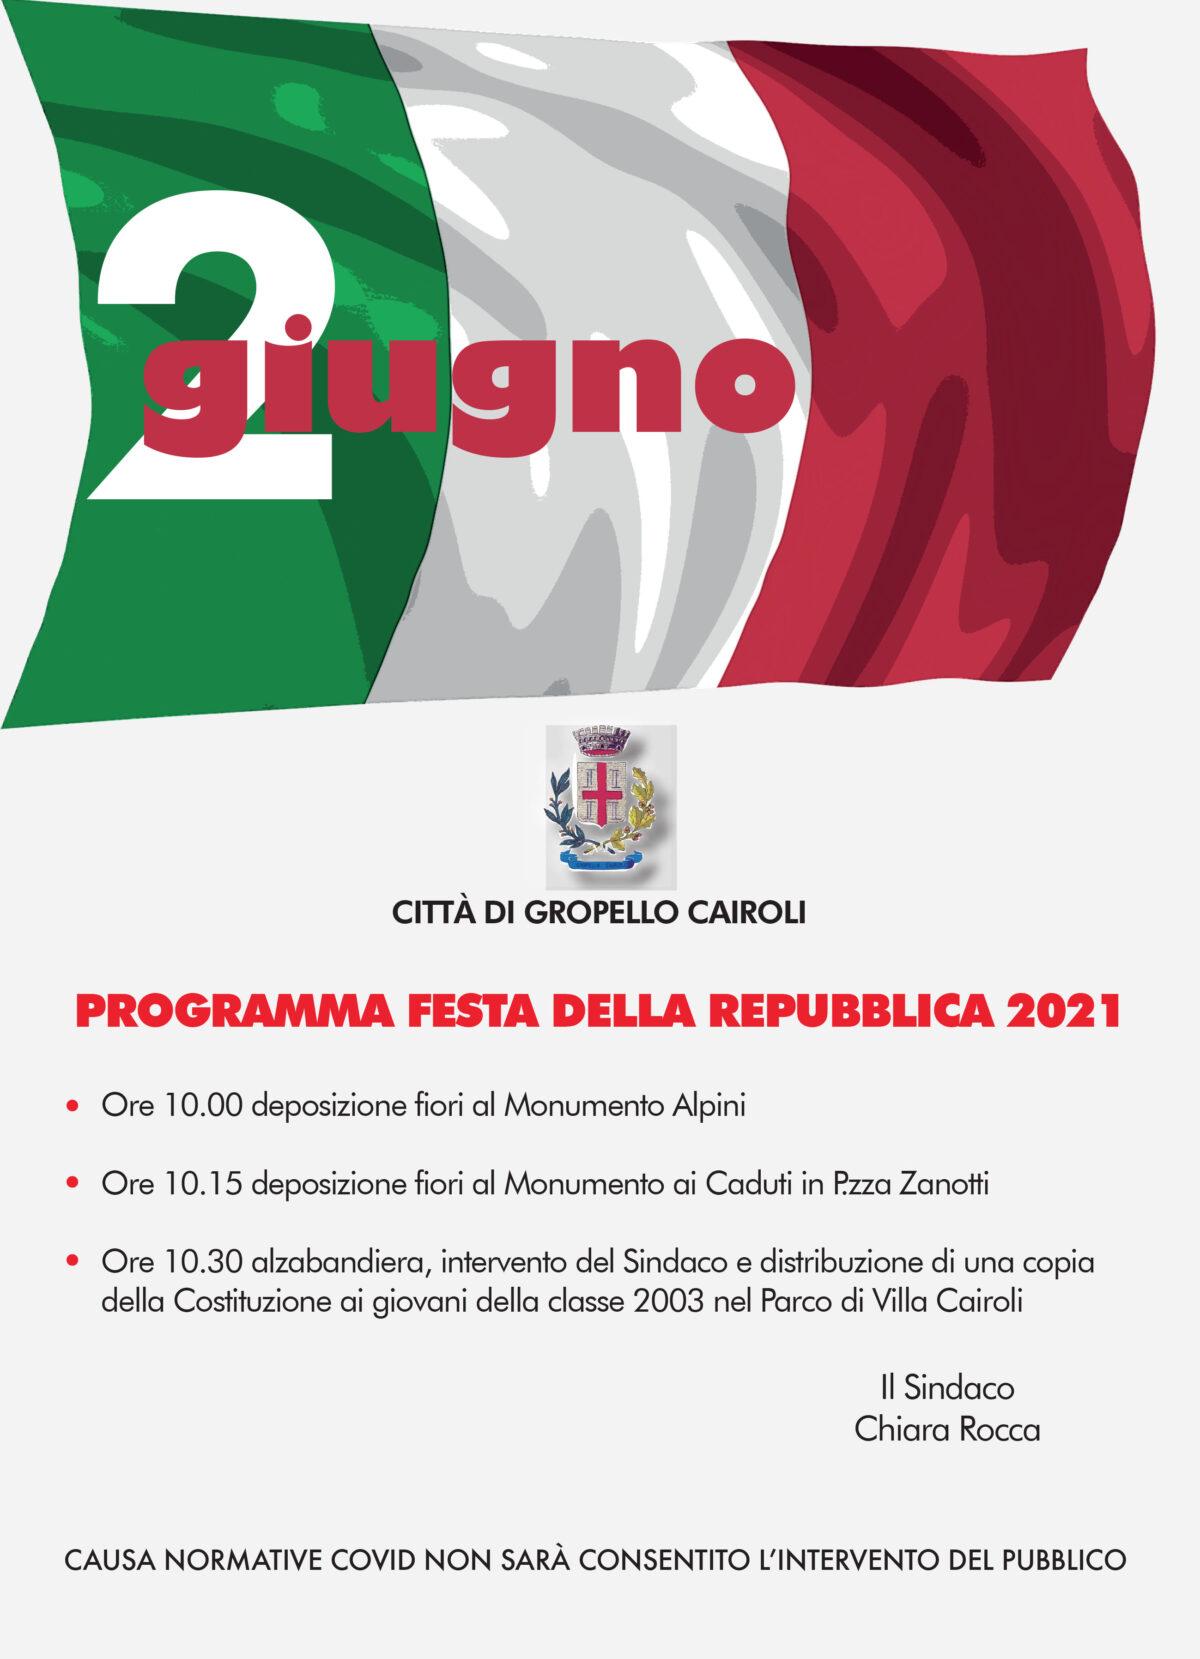 Festa della Repubblica 2021 - Comune di Gropello Cairoli